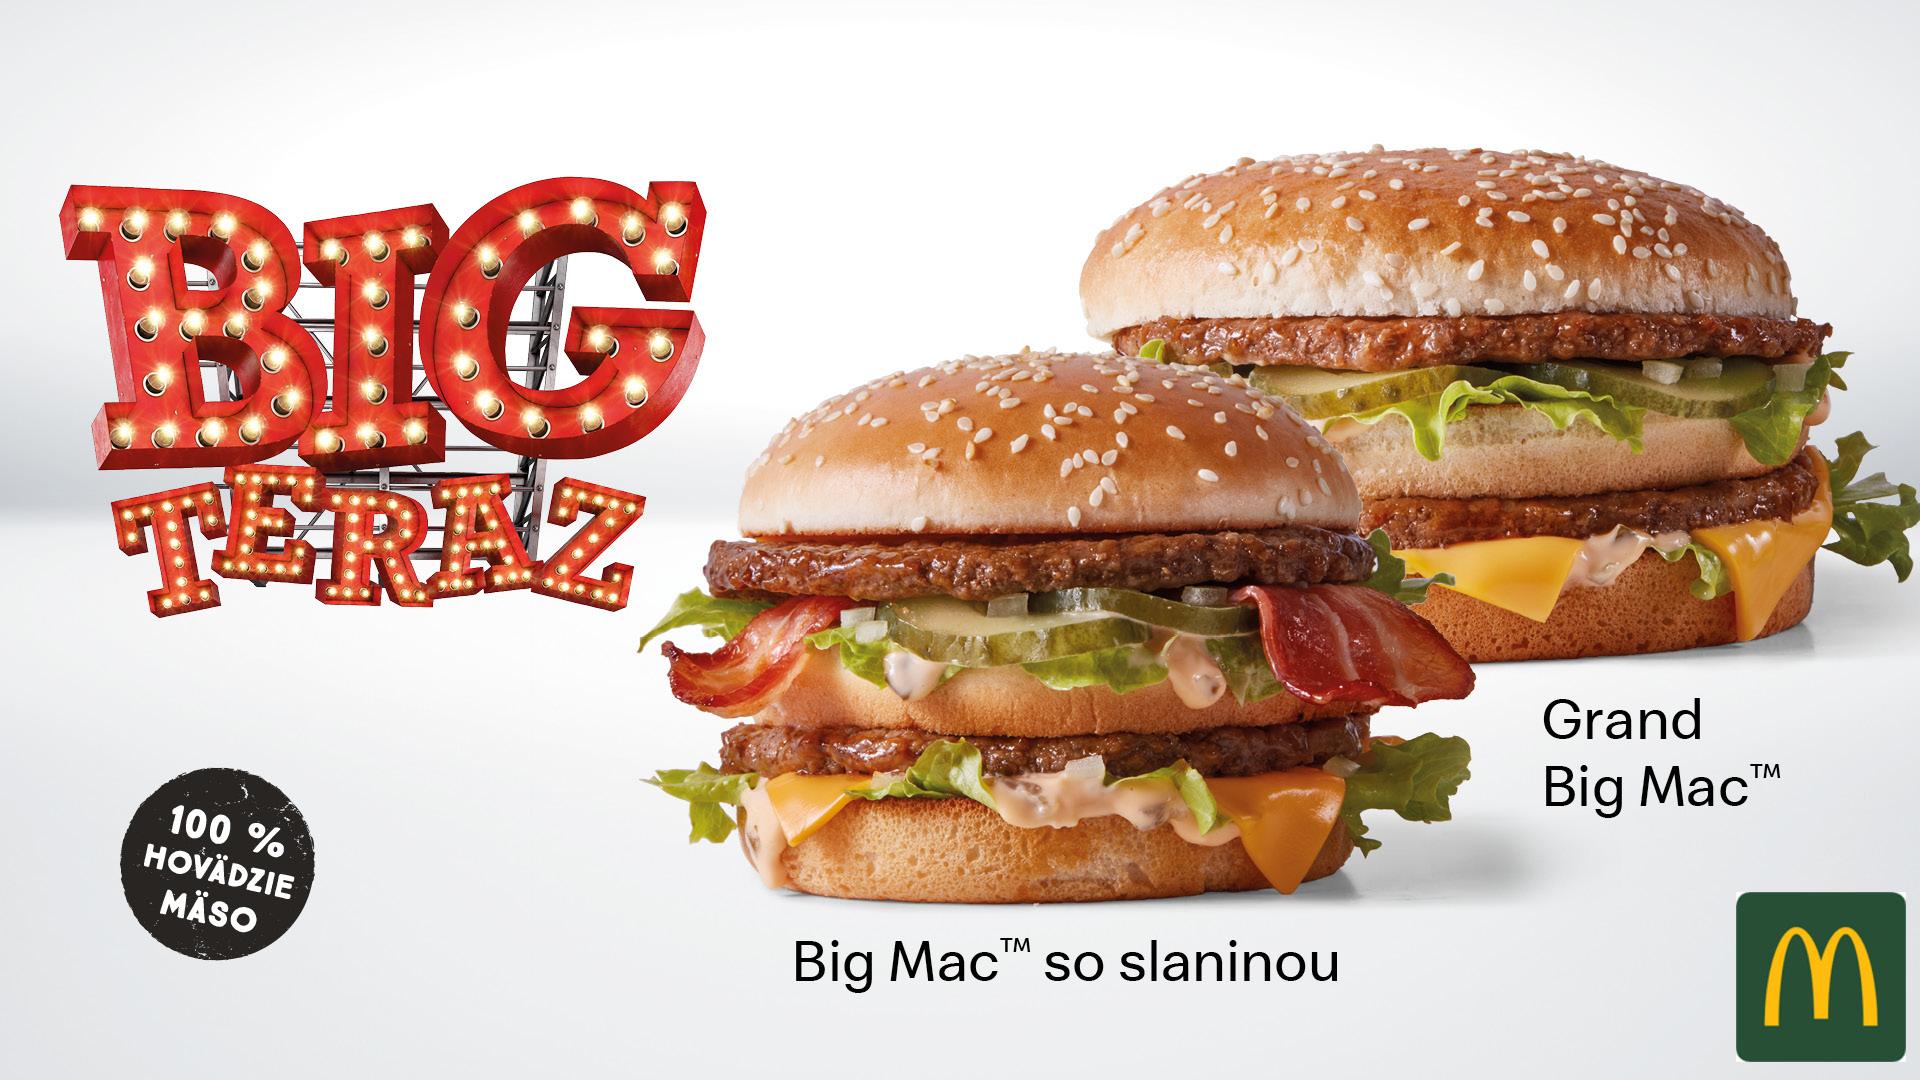 Big Mac je skrátka klasika, ktorú miluje každý, a je rovnaký už viac než 50 rokov. Nedeste sa však, meniť sa nič nebude. Len asi teda potešíme všetkých, ktorí pchajú slaninu skoro všade. Na scénu totiž prichádza teraz a len na chvíľu Big Mac Bacon a ešte väčší a grandióznejší Grand Big Mac.